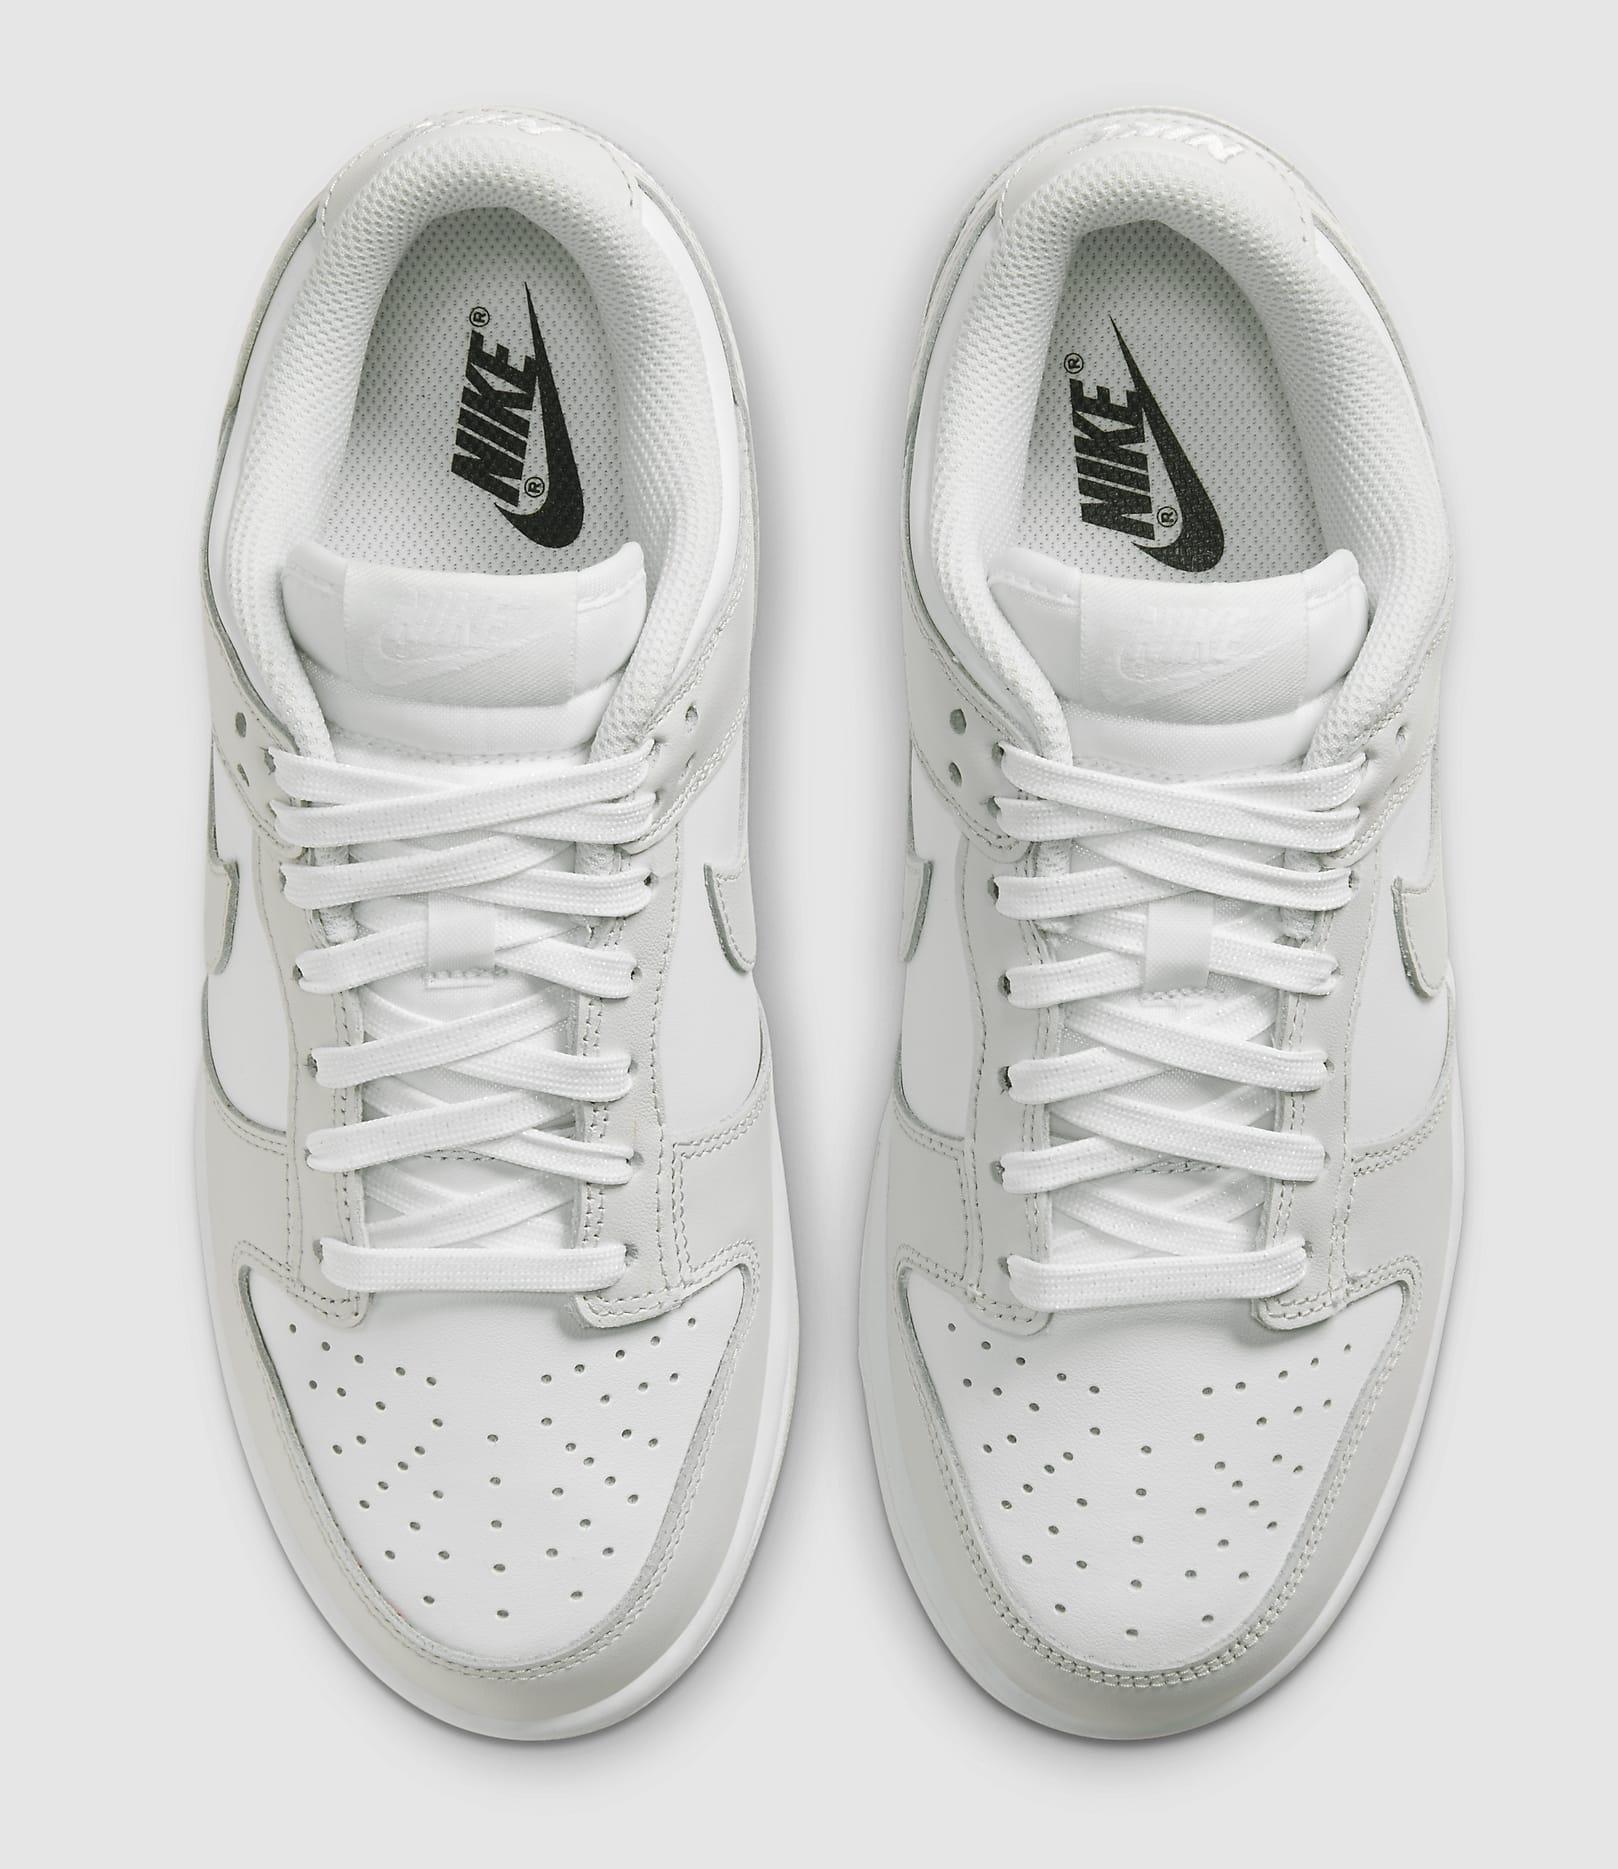 Nike Dunk Low Women's 'Photon Dust' DD1503-103 Top